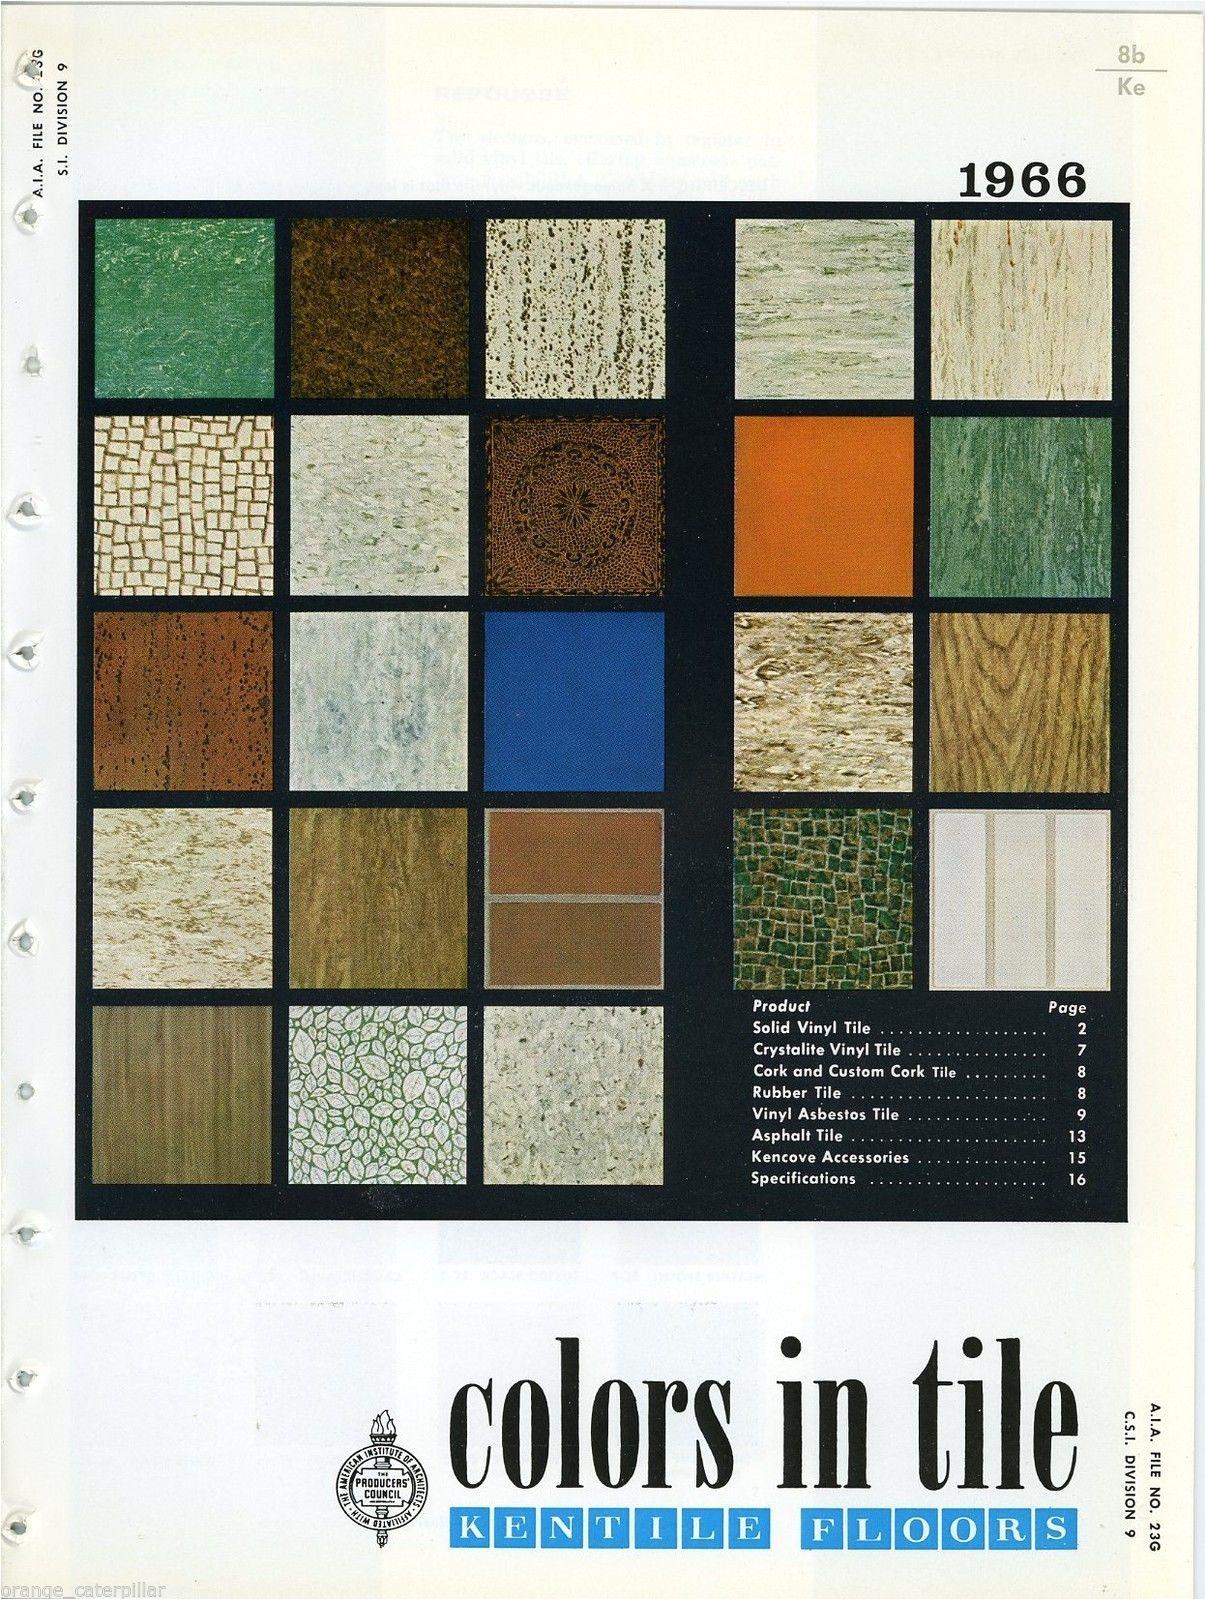 Kentile Asphalt Floor Tile 1966 Floors Asbestos Colors In Catalog Vinyl